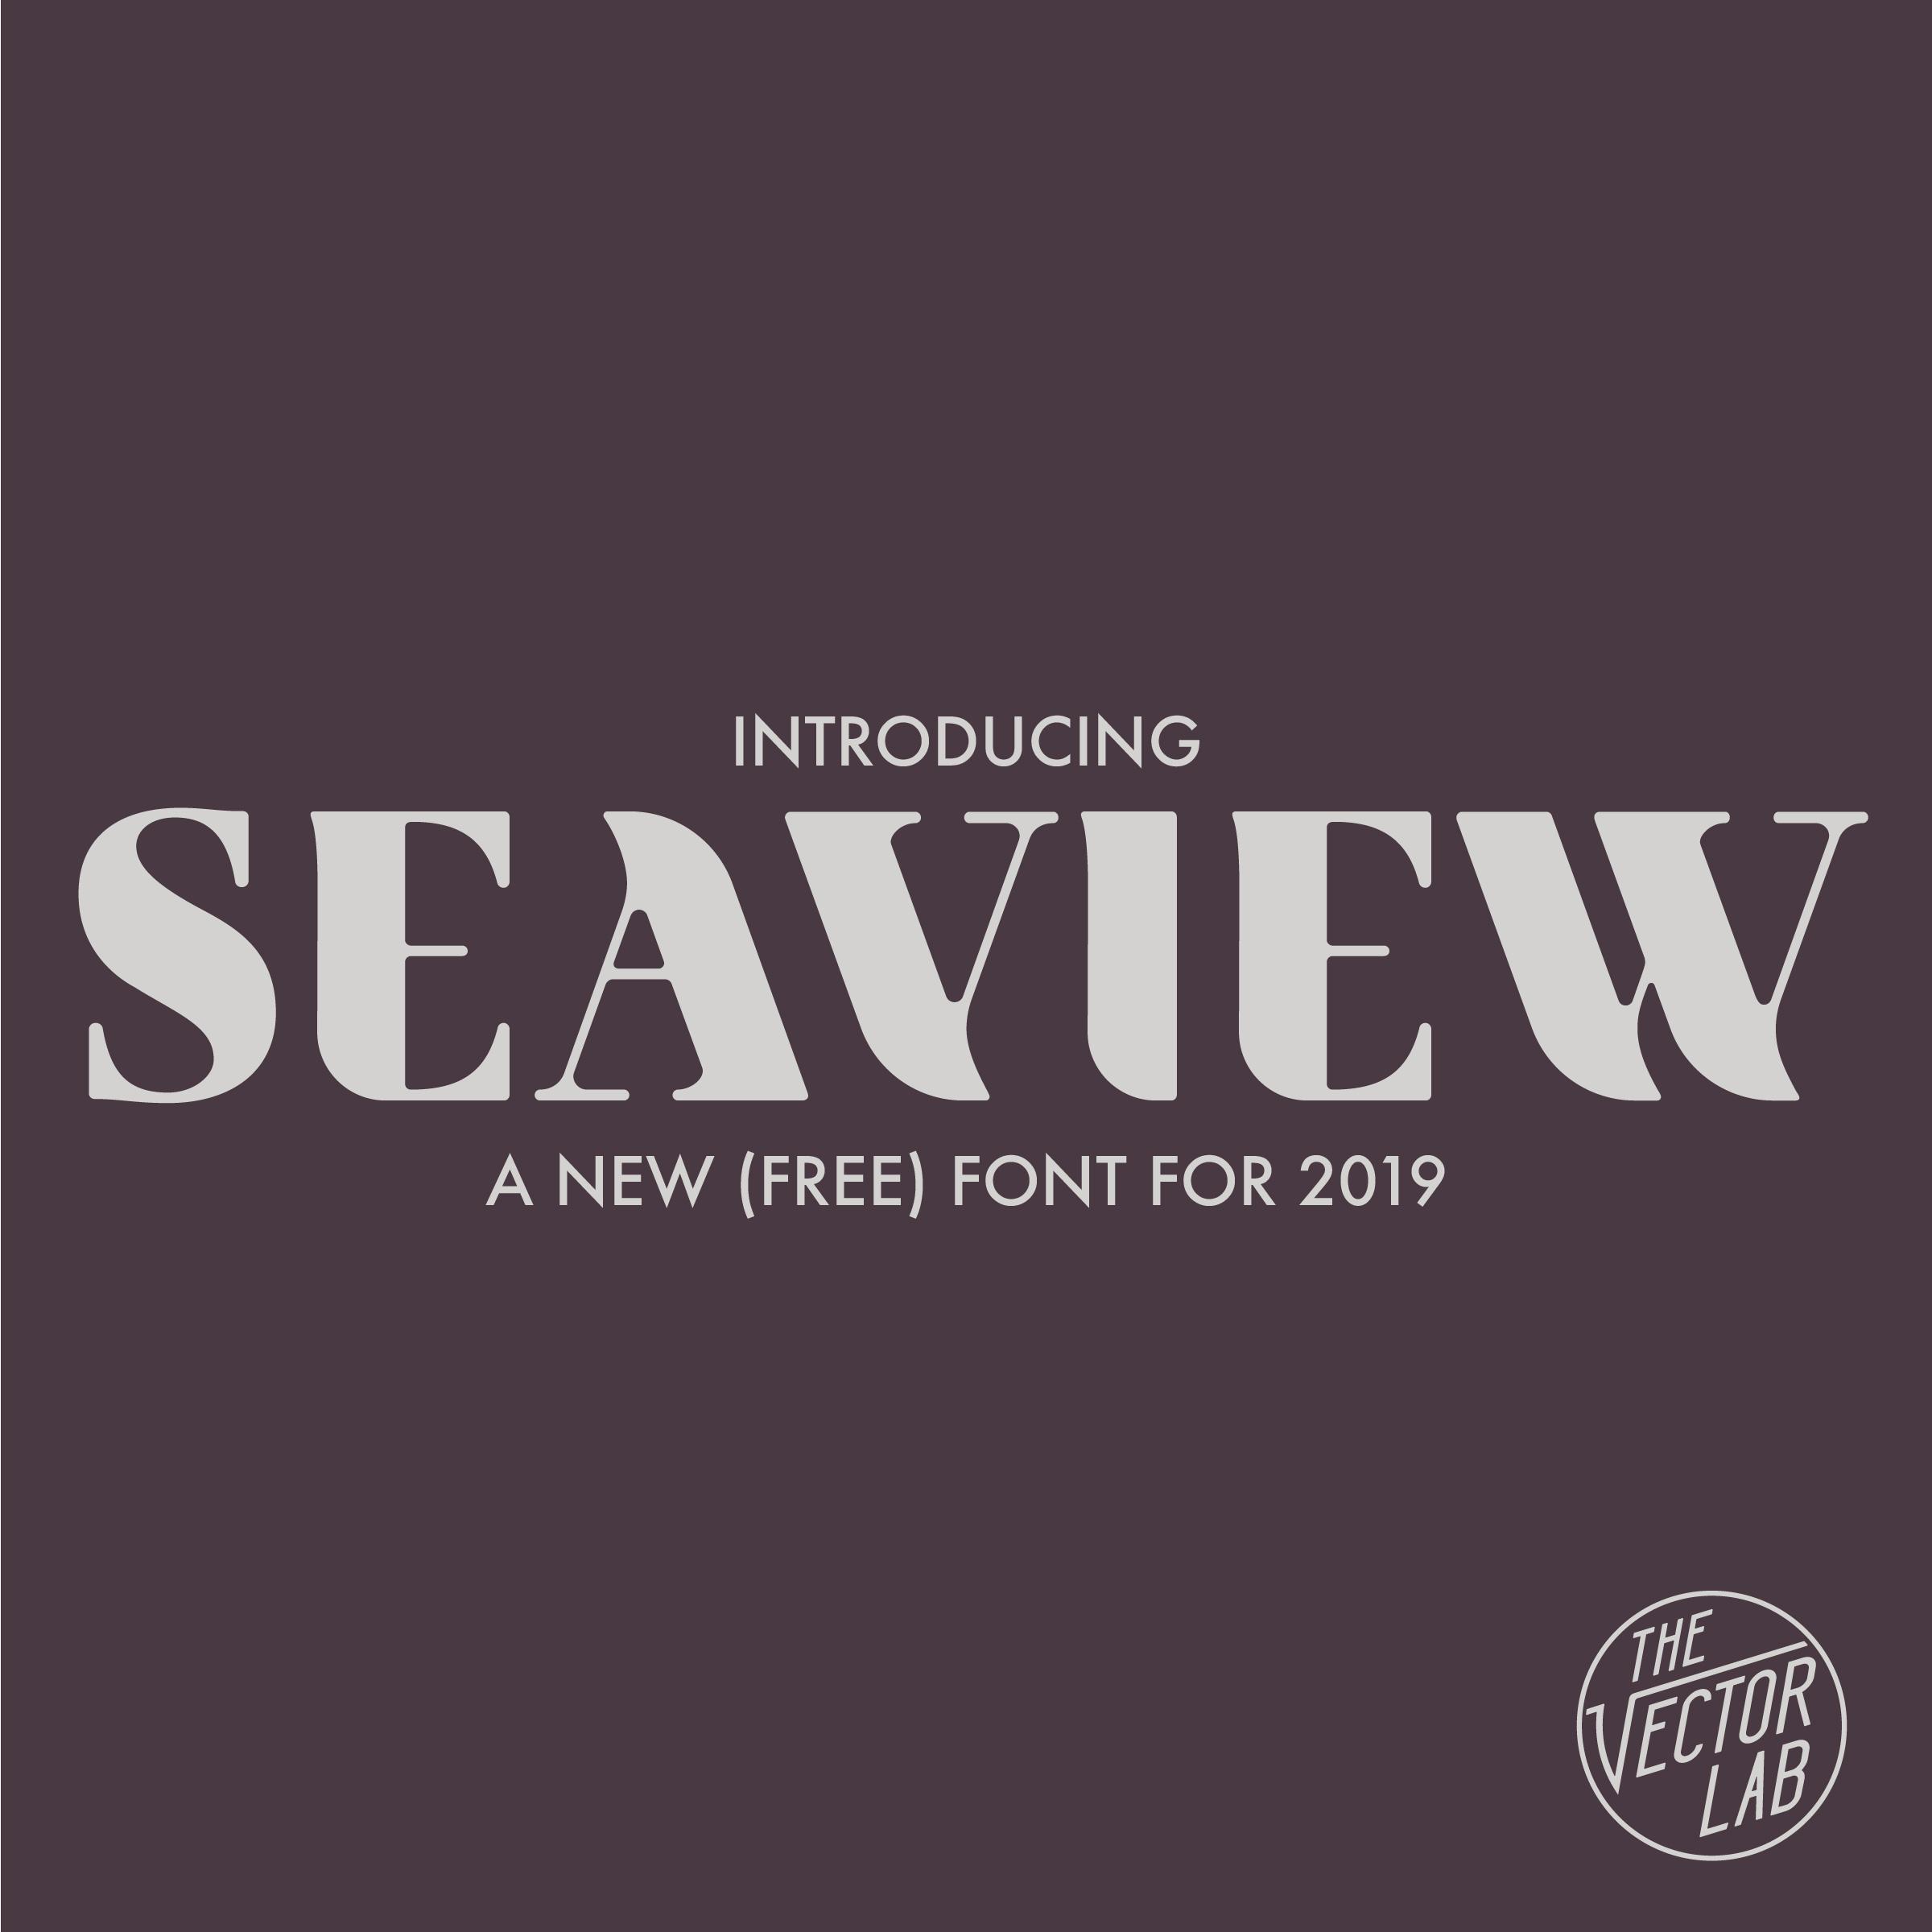 SeaViewArtboard 1 copy 3-80.jpg